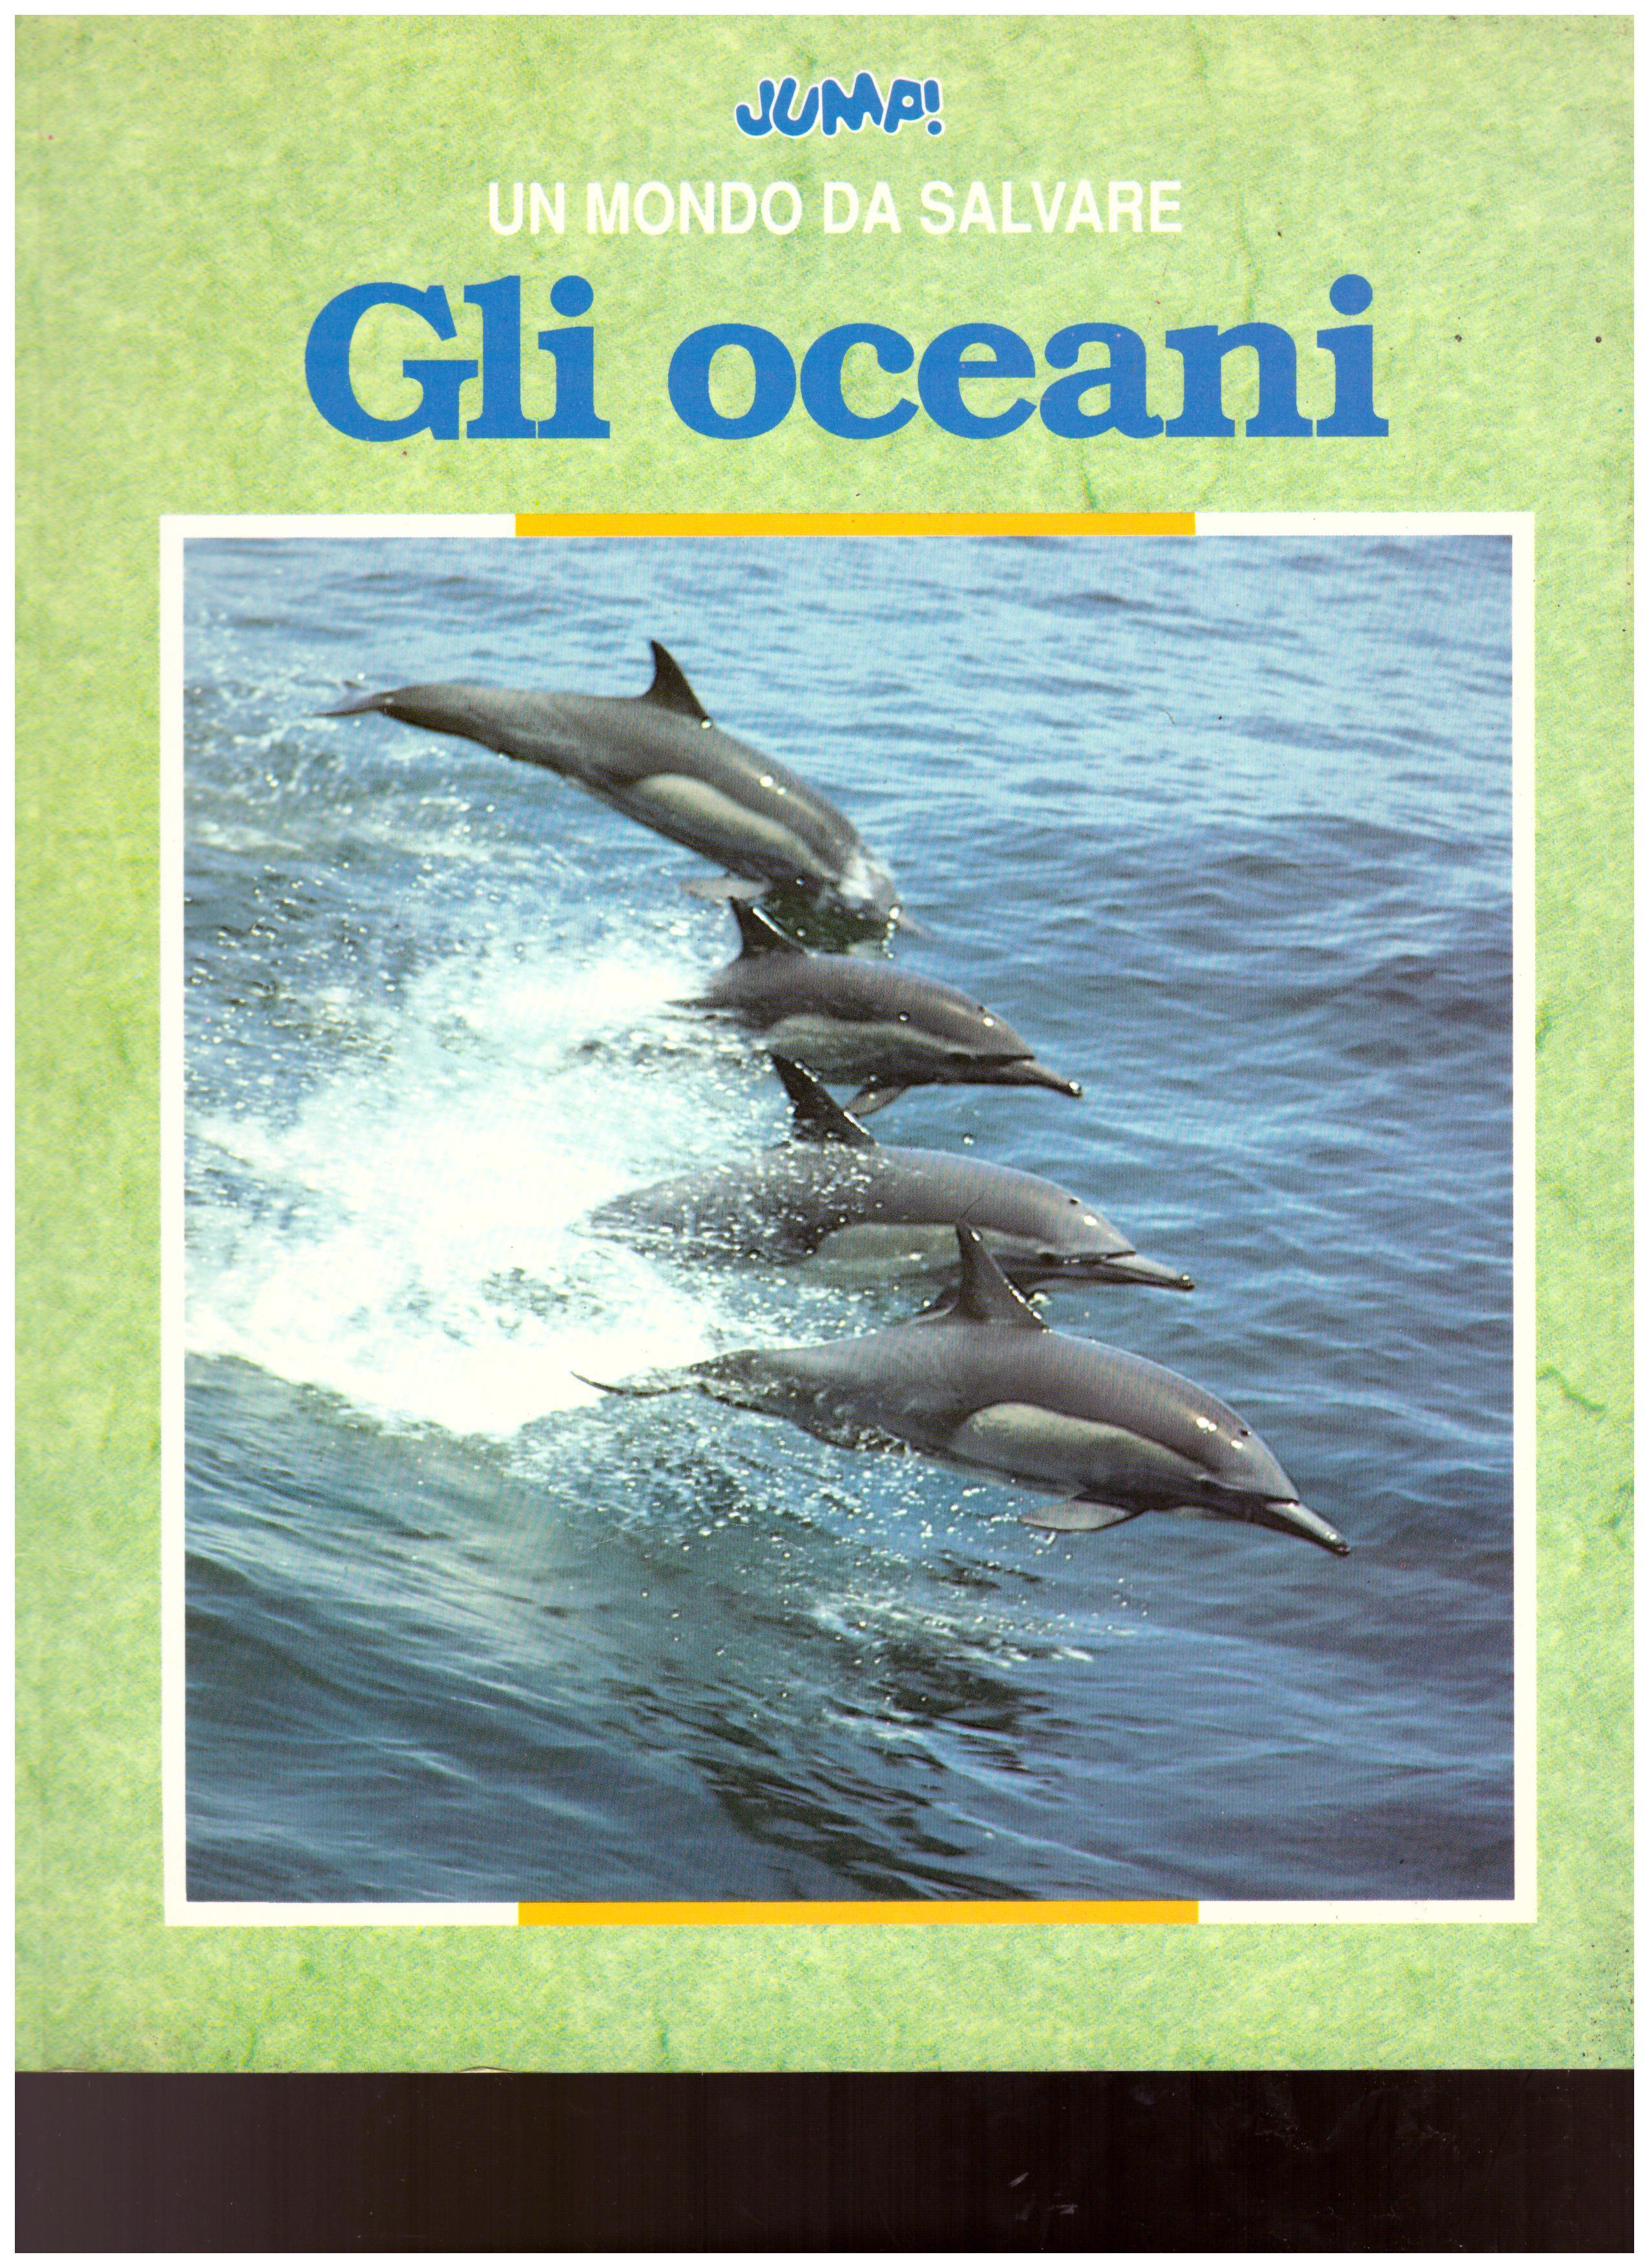 Titolo: Un mondo da salvare, gli oceani    Autore: AA.VV.     Editore: Jump!